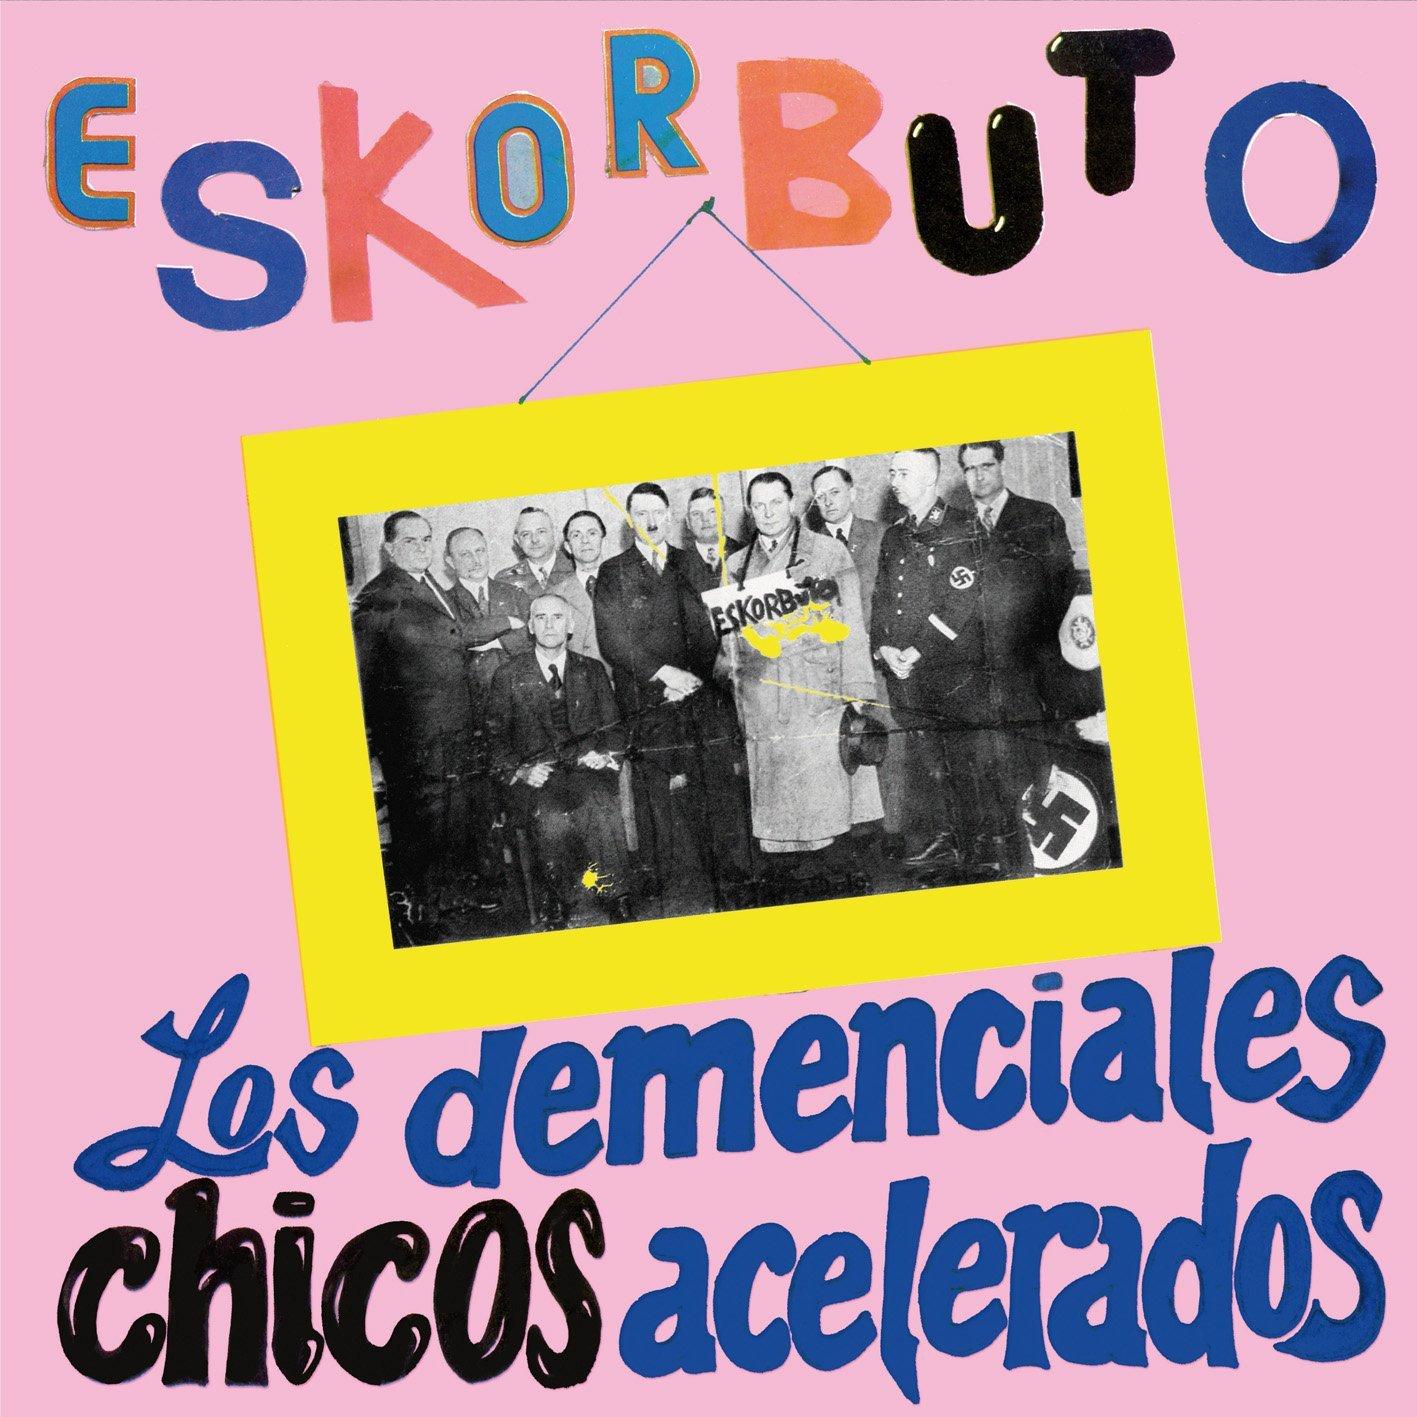 Vinilo : Eskorbuto - Los Demenciales Chicos Acelerados (LP Vinyl)